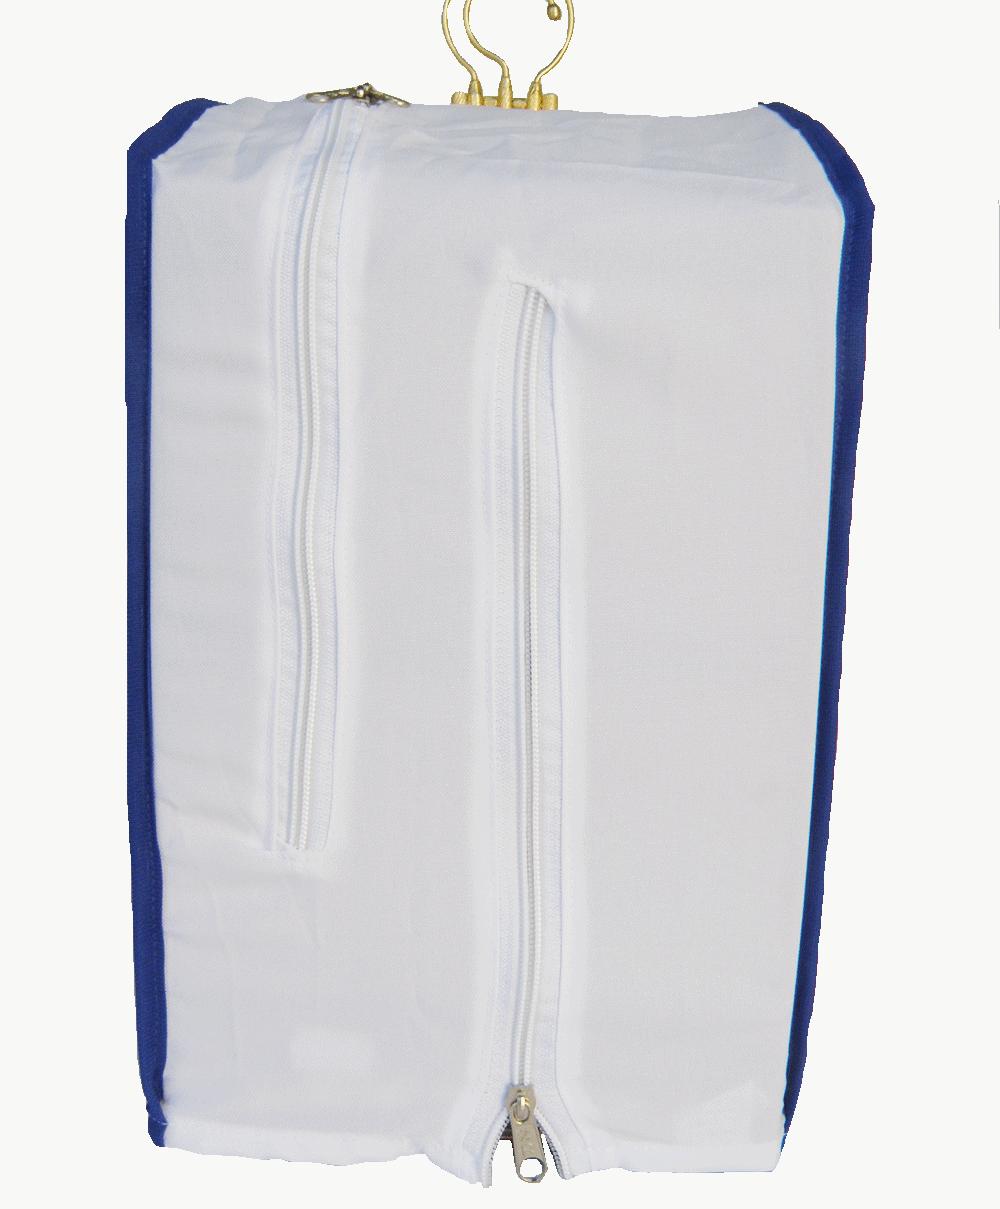 Capa Tecido Coleiro - Com Tela Branca Vies Azul